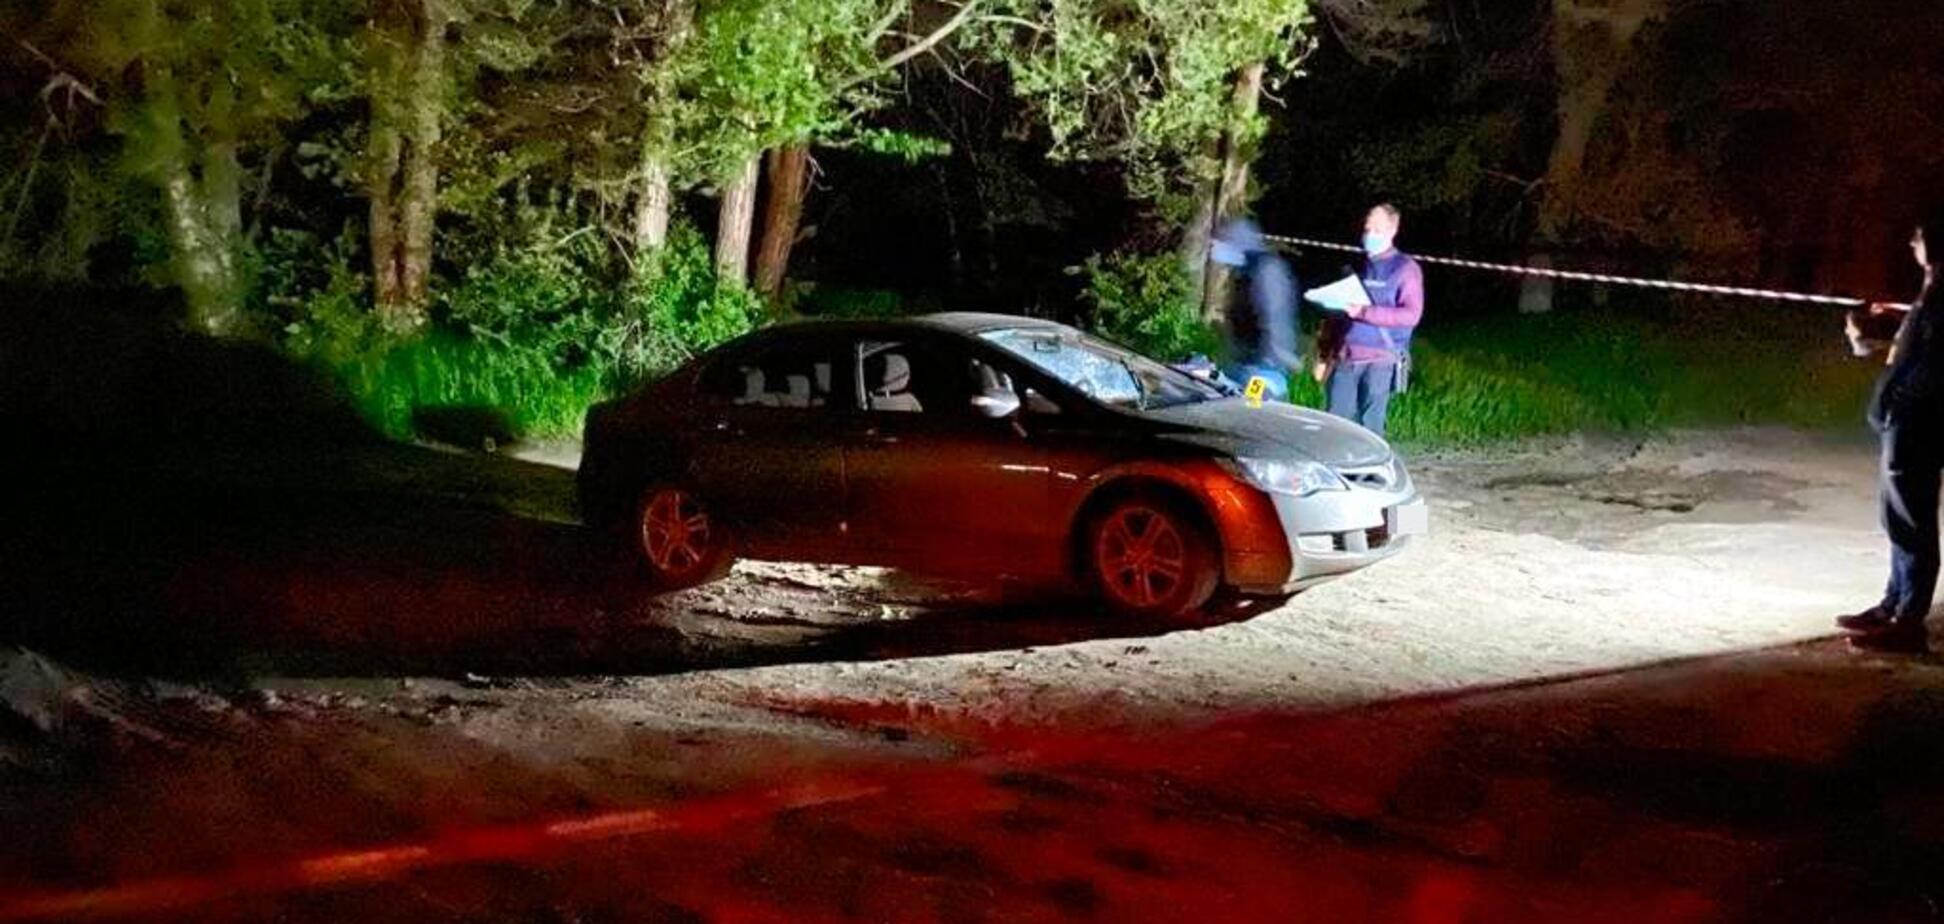 На Миколаївщині трапилася стрілянина: поліція ввела спецоперацію. Фото